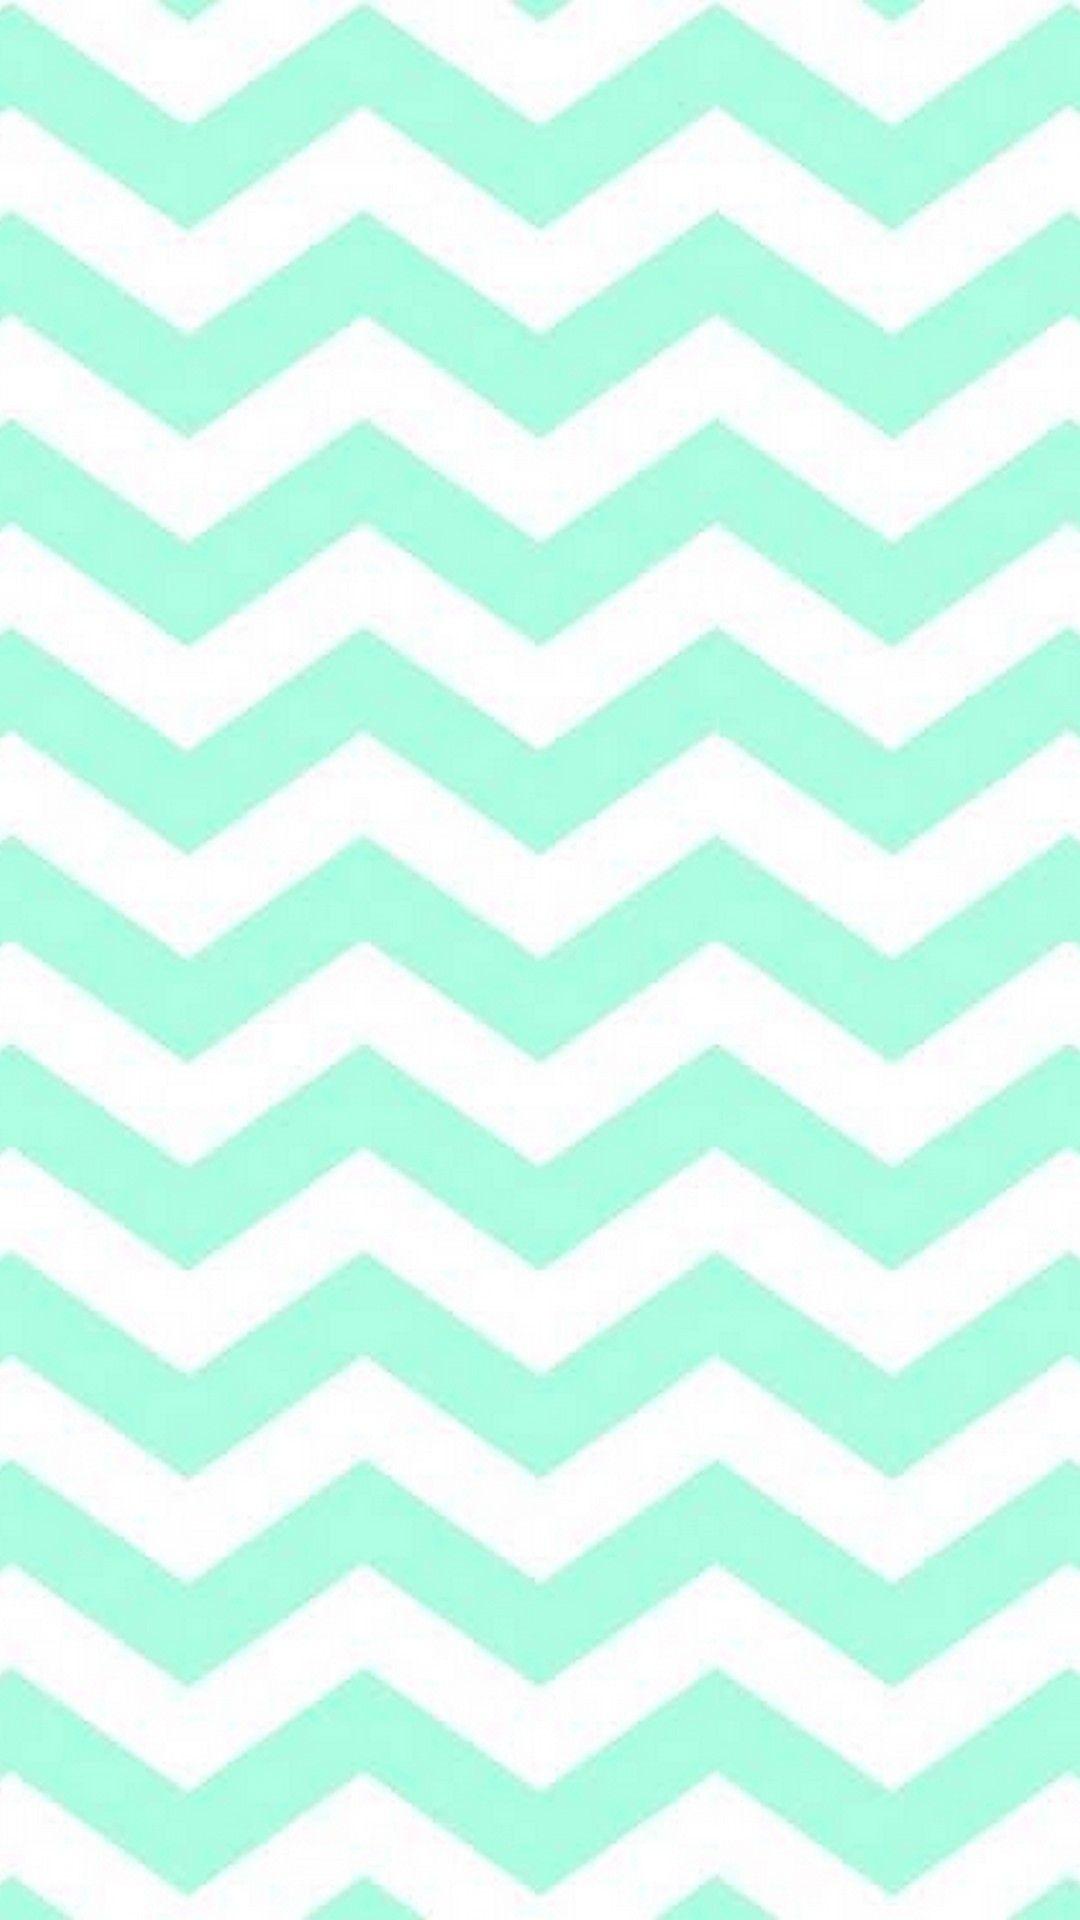 Mint Green Iphone 8 Wallpaper Best Wallpaper Hd Mint Green Wallpaper Iphone Pink And Green Wallpaper Mint Green Wallpaper